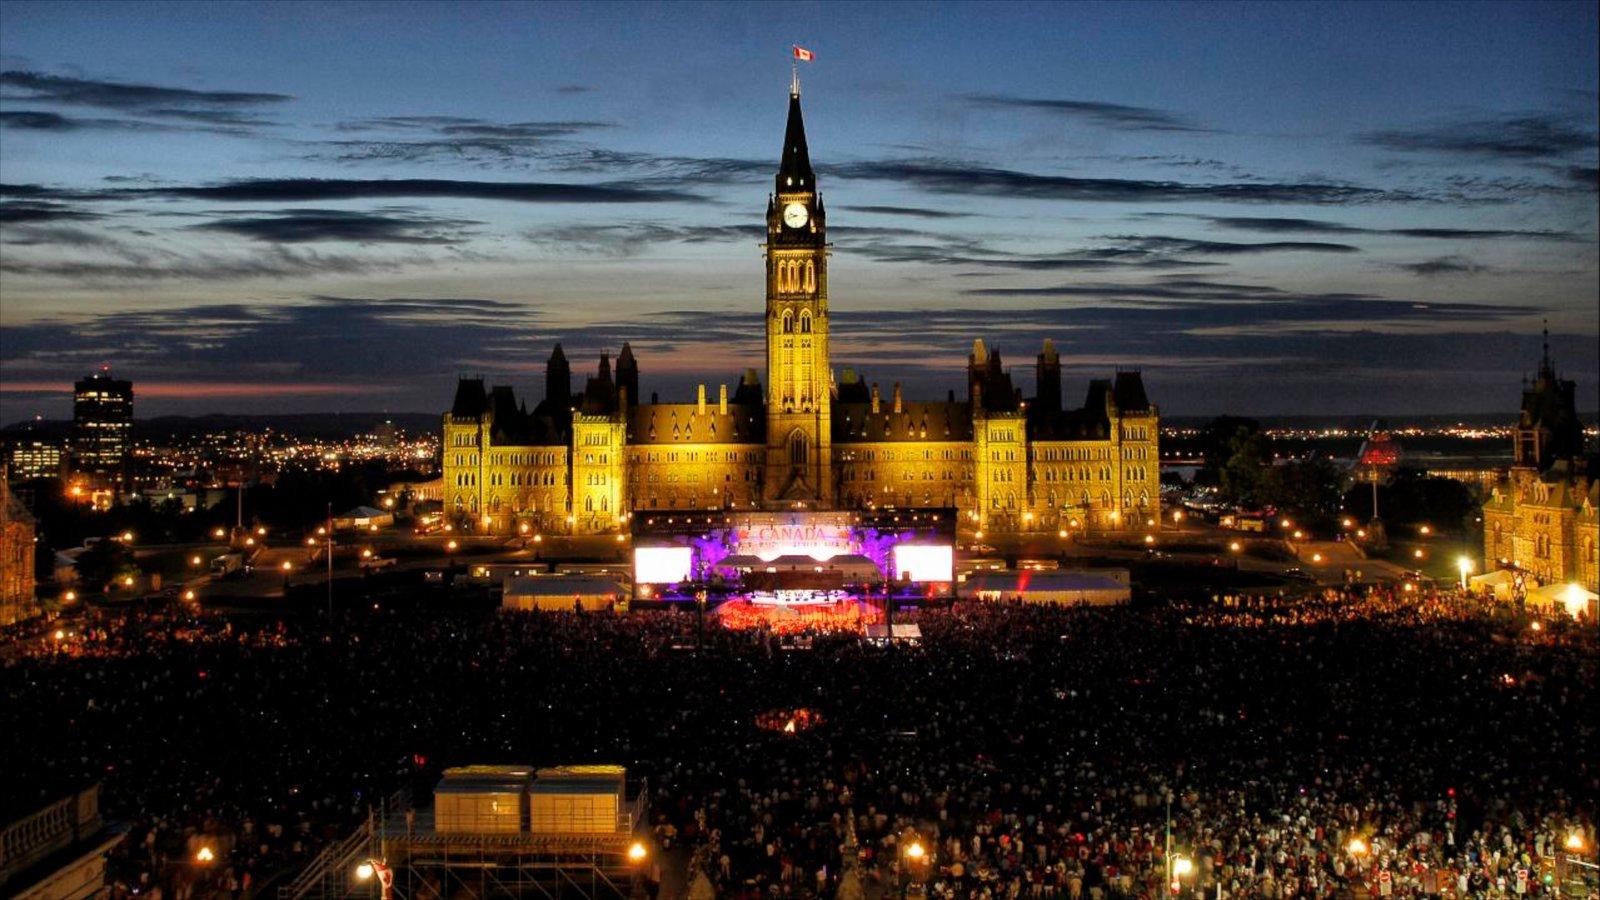 Parliament Hill que inclui arquitetura de patrimônio, cenas noturnas e uma cidade